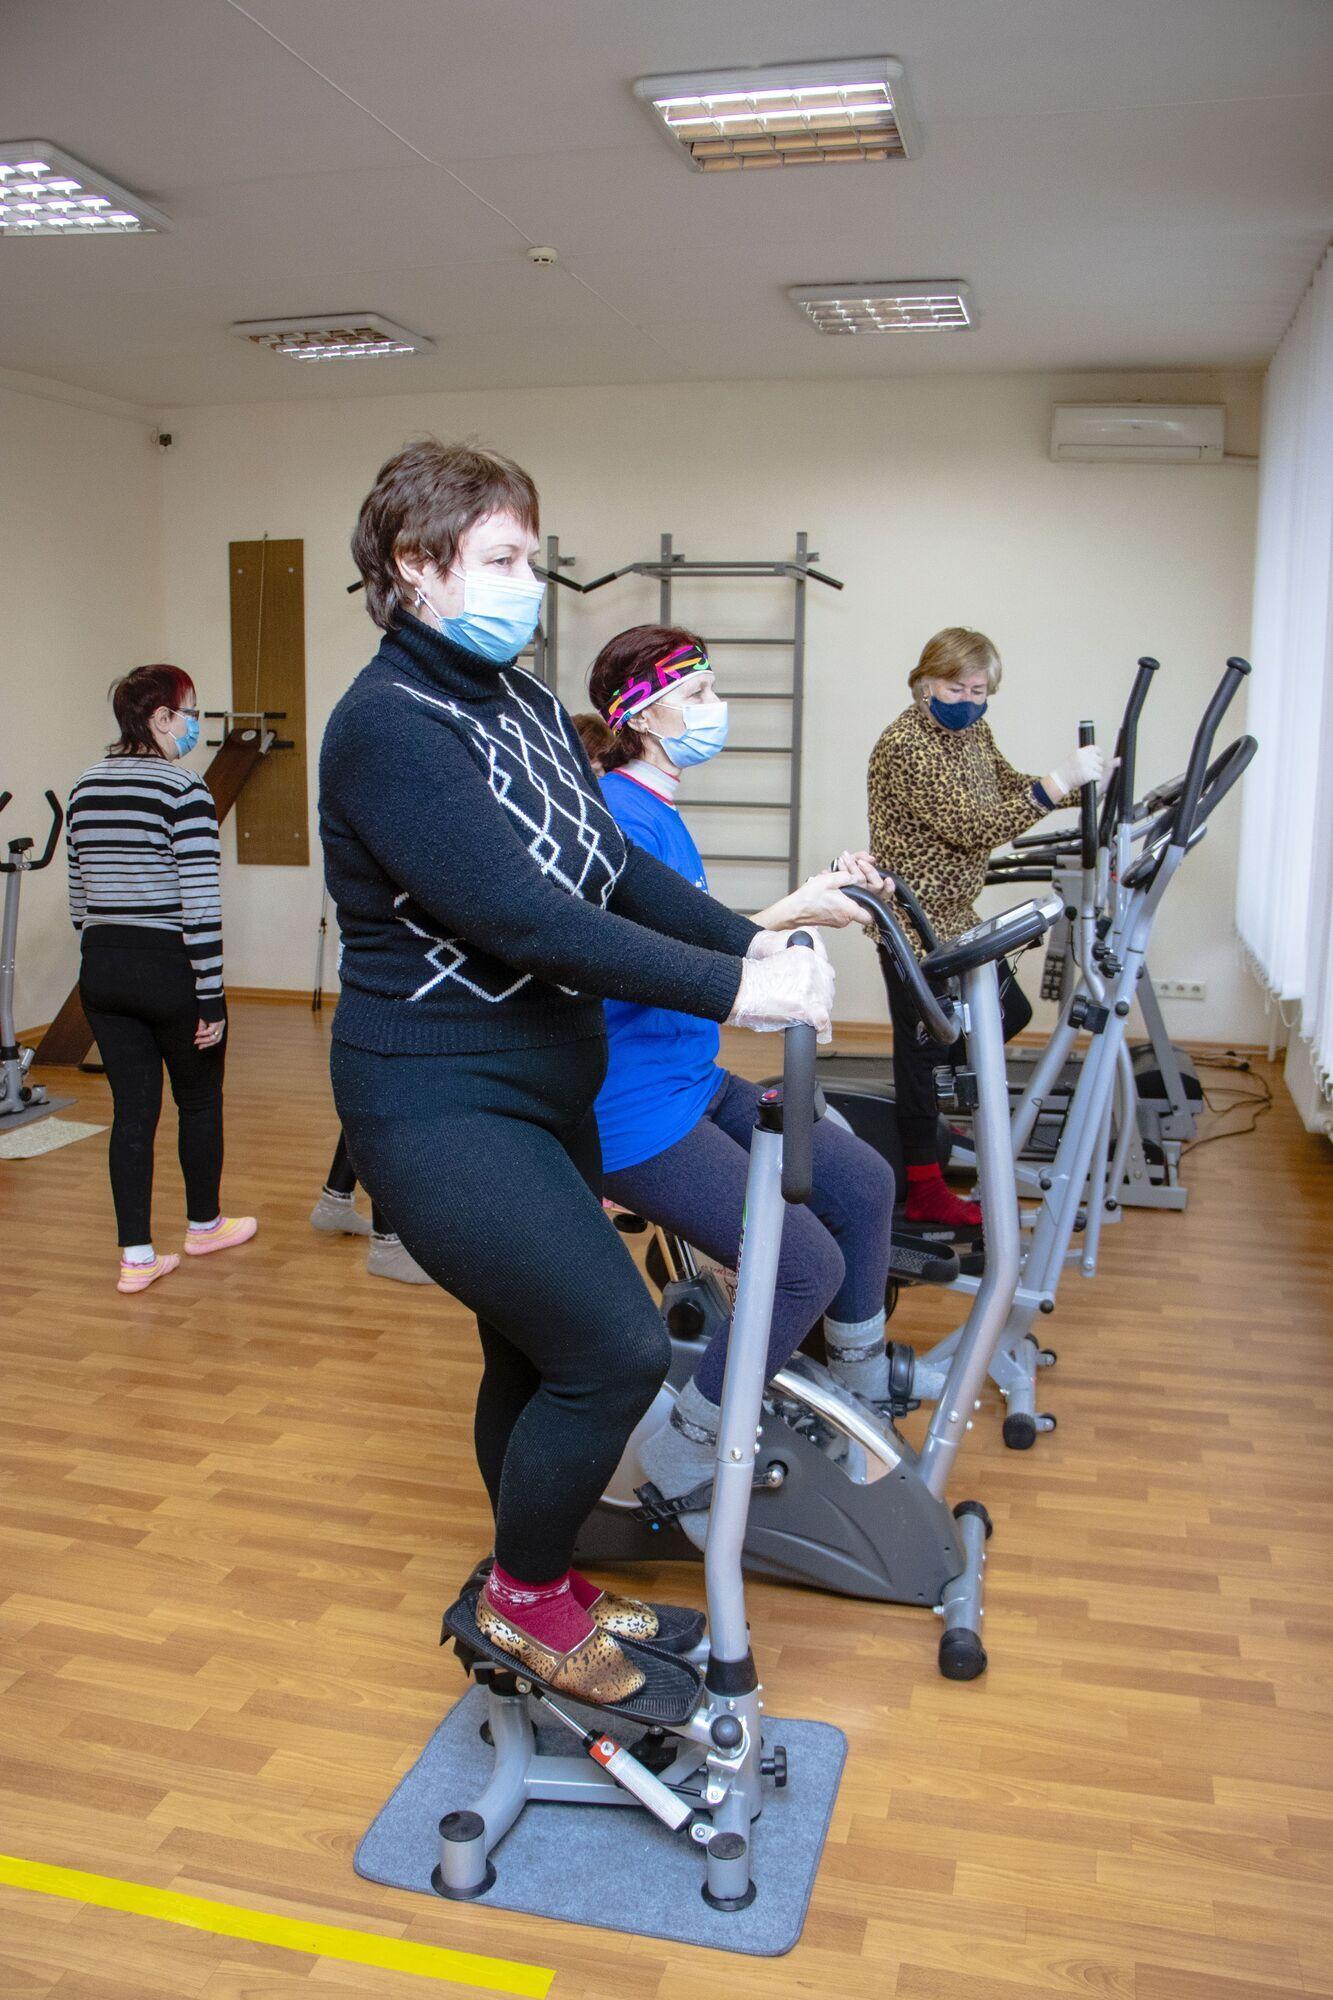 В Днепровском городском территориальном центре социального обслуживания возобновили занятия по лечебной физкультуре